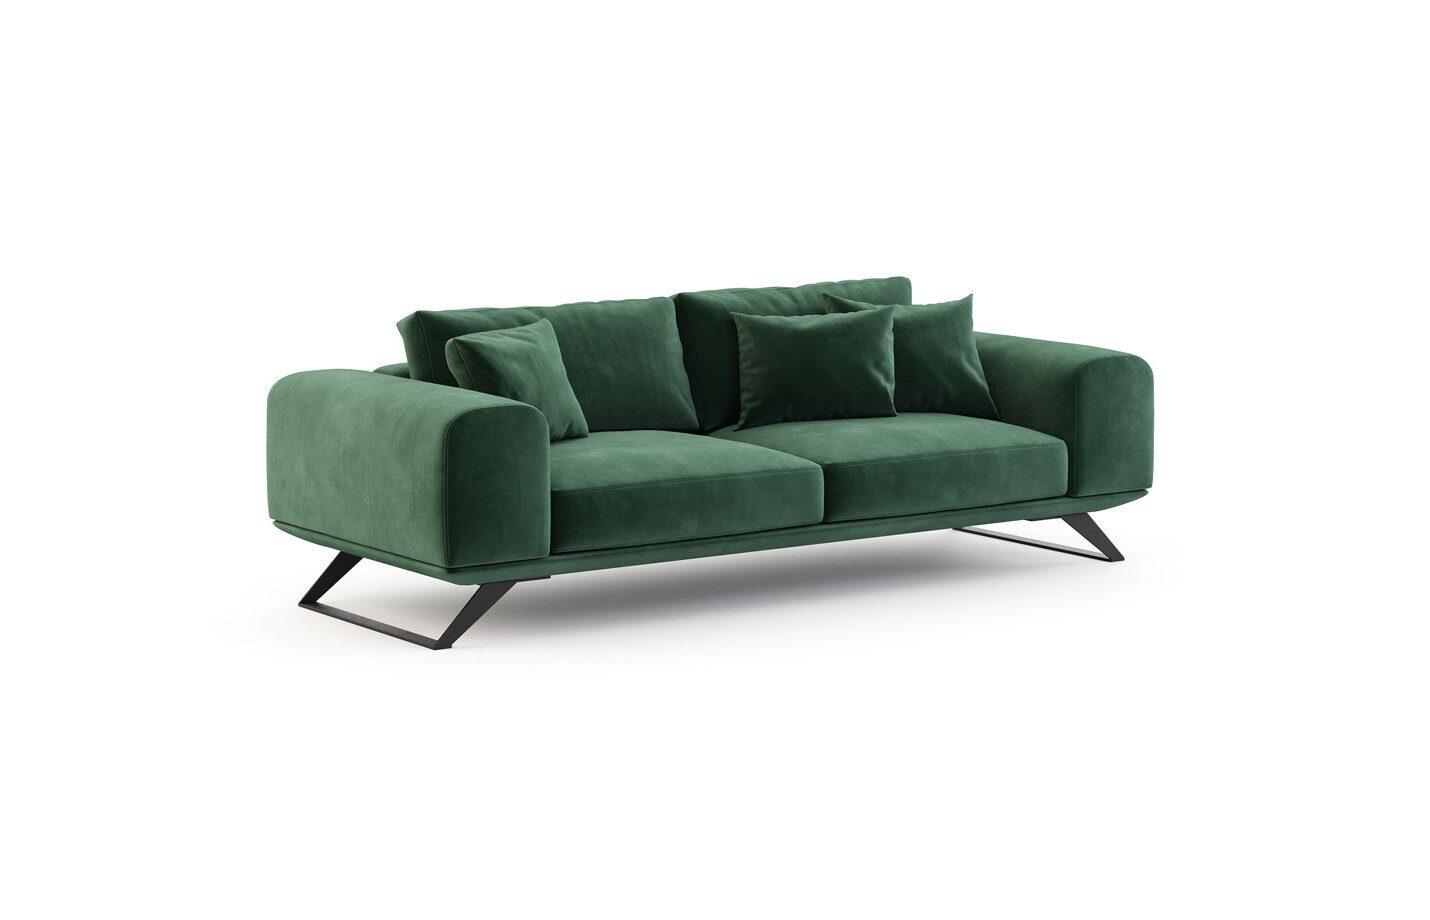 Florence-Sofa-by-fabiia-furniture-signature-2